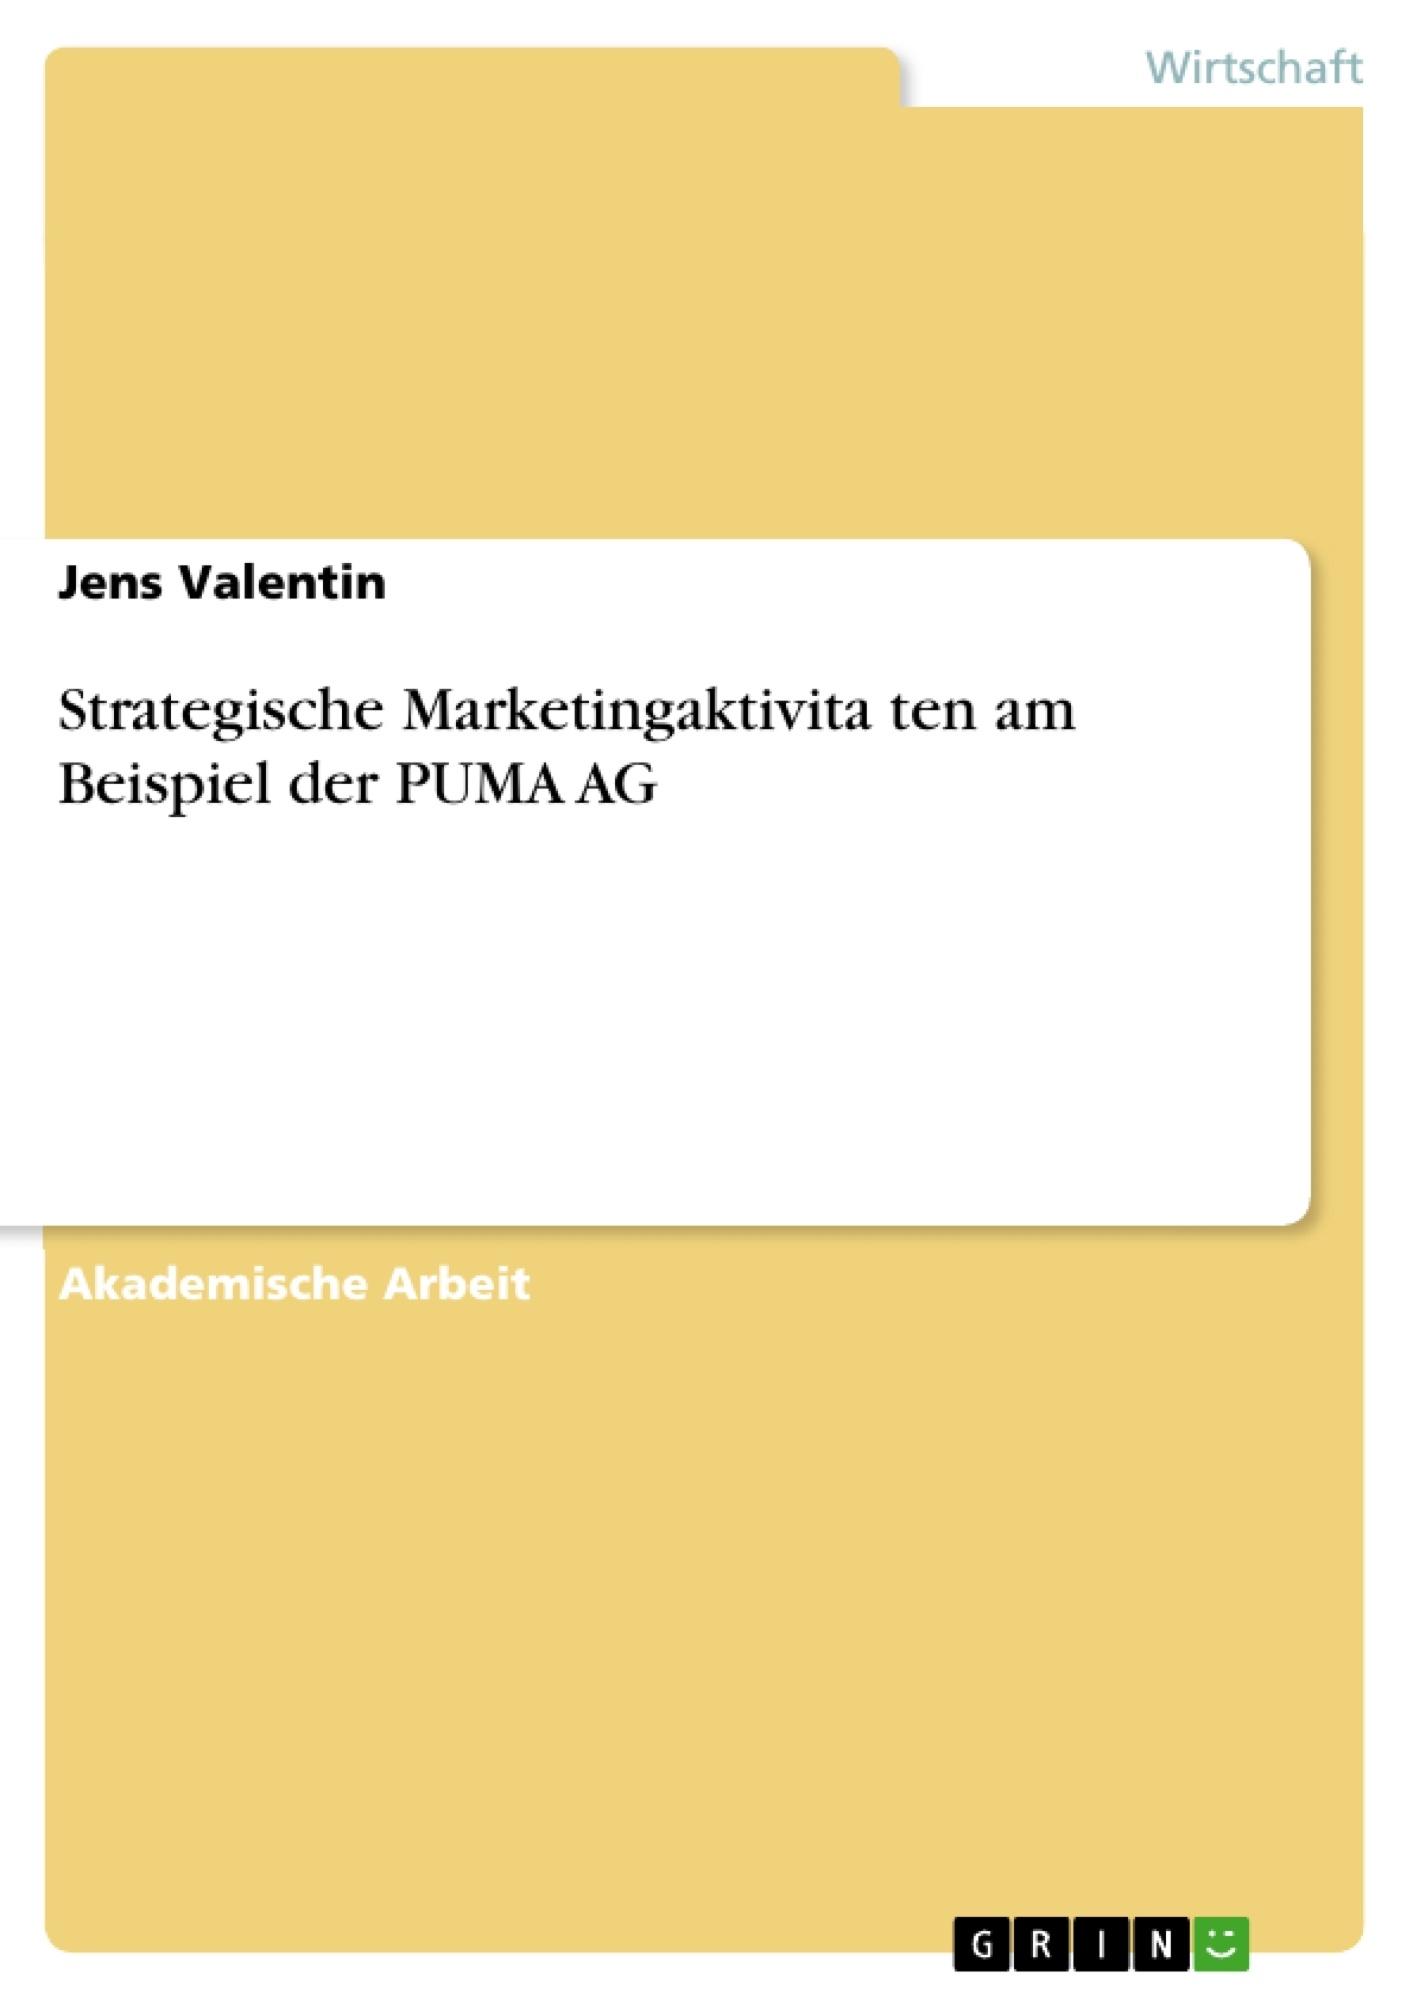 Titel: Strategische Marketingaktivitäten am Beispiel der PUMA AG